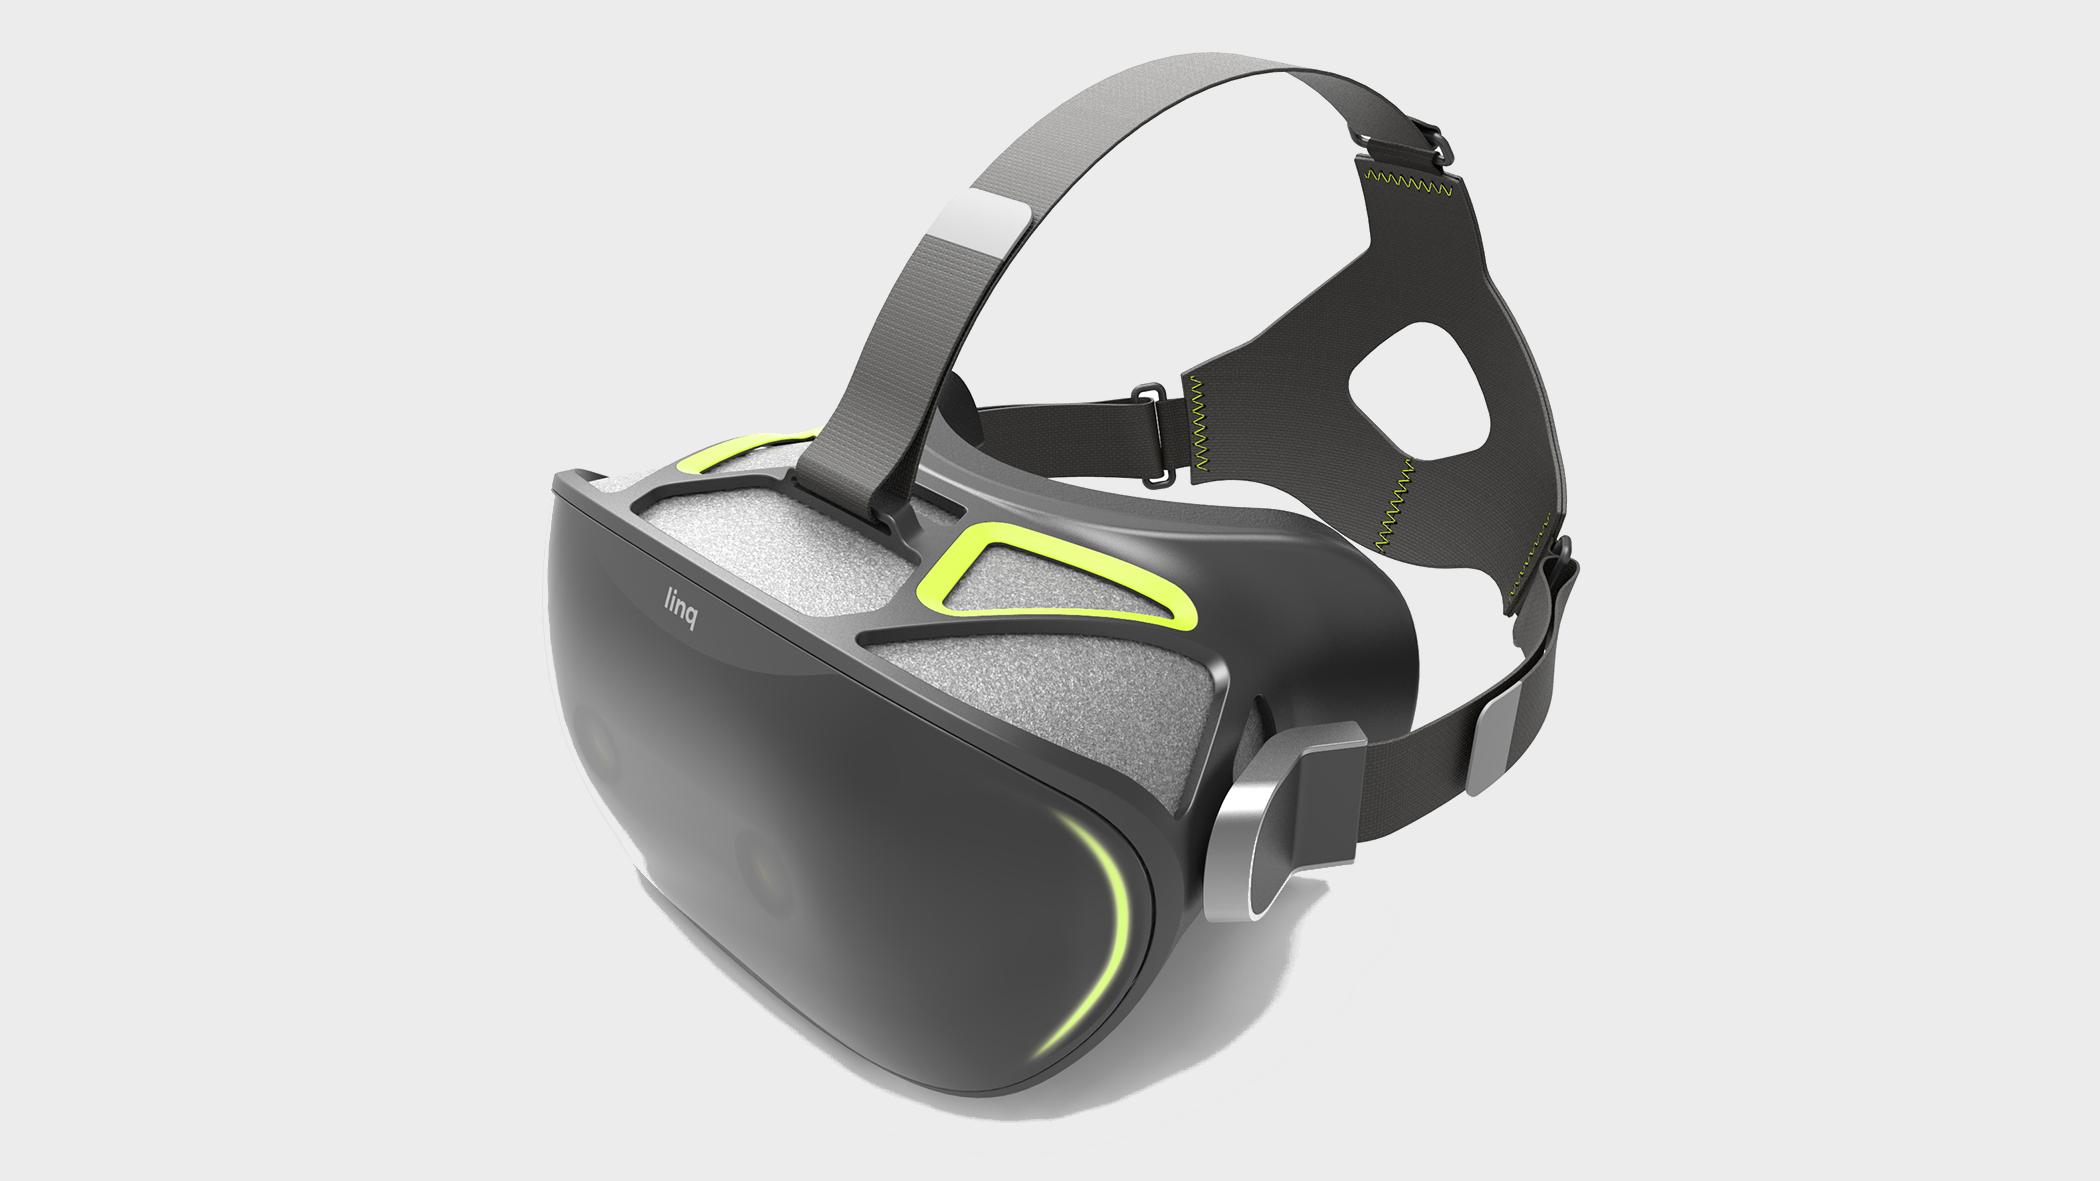 Disse skal utfordre Microsofts HoloLens-briller